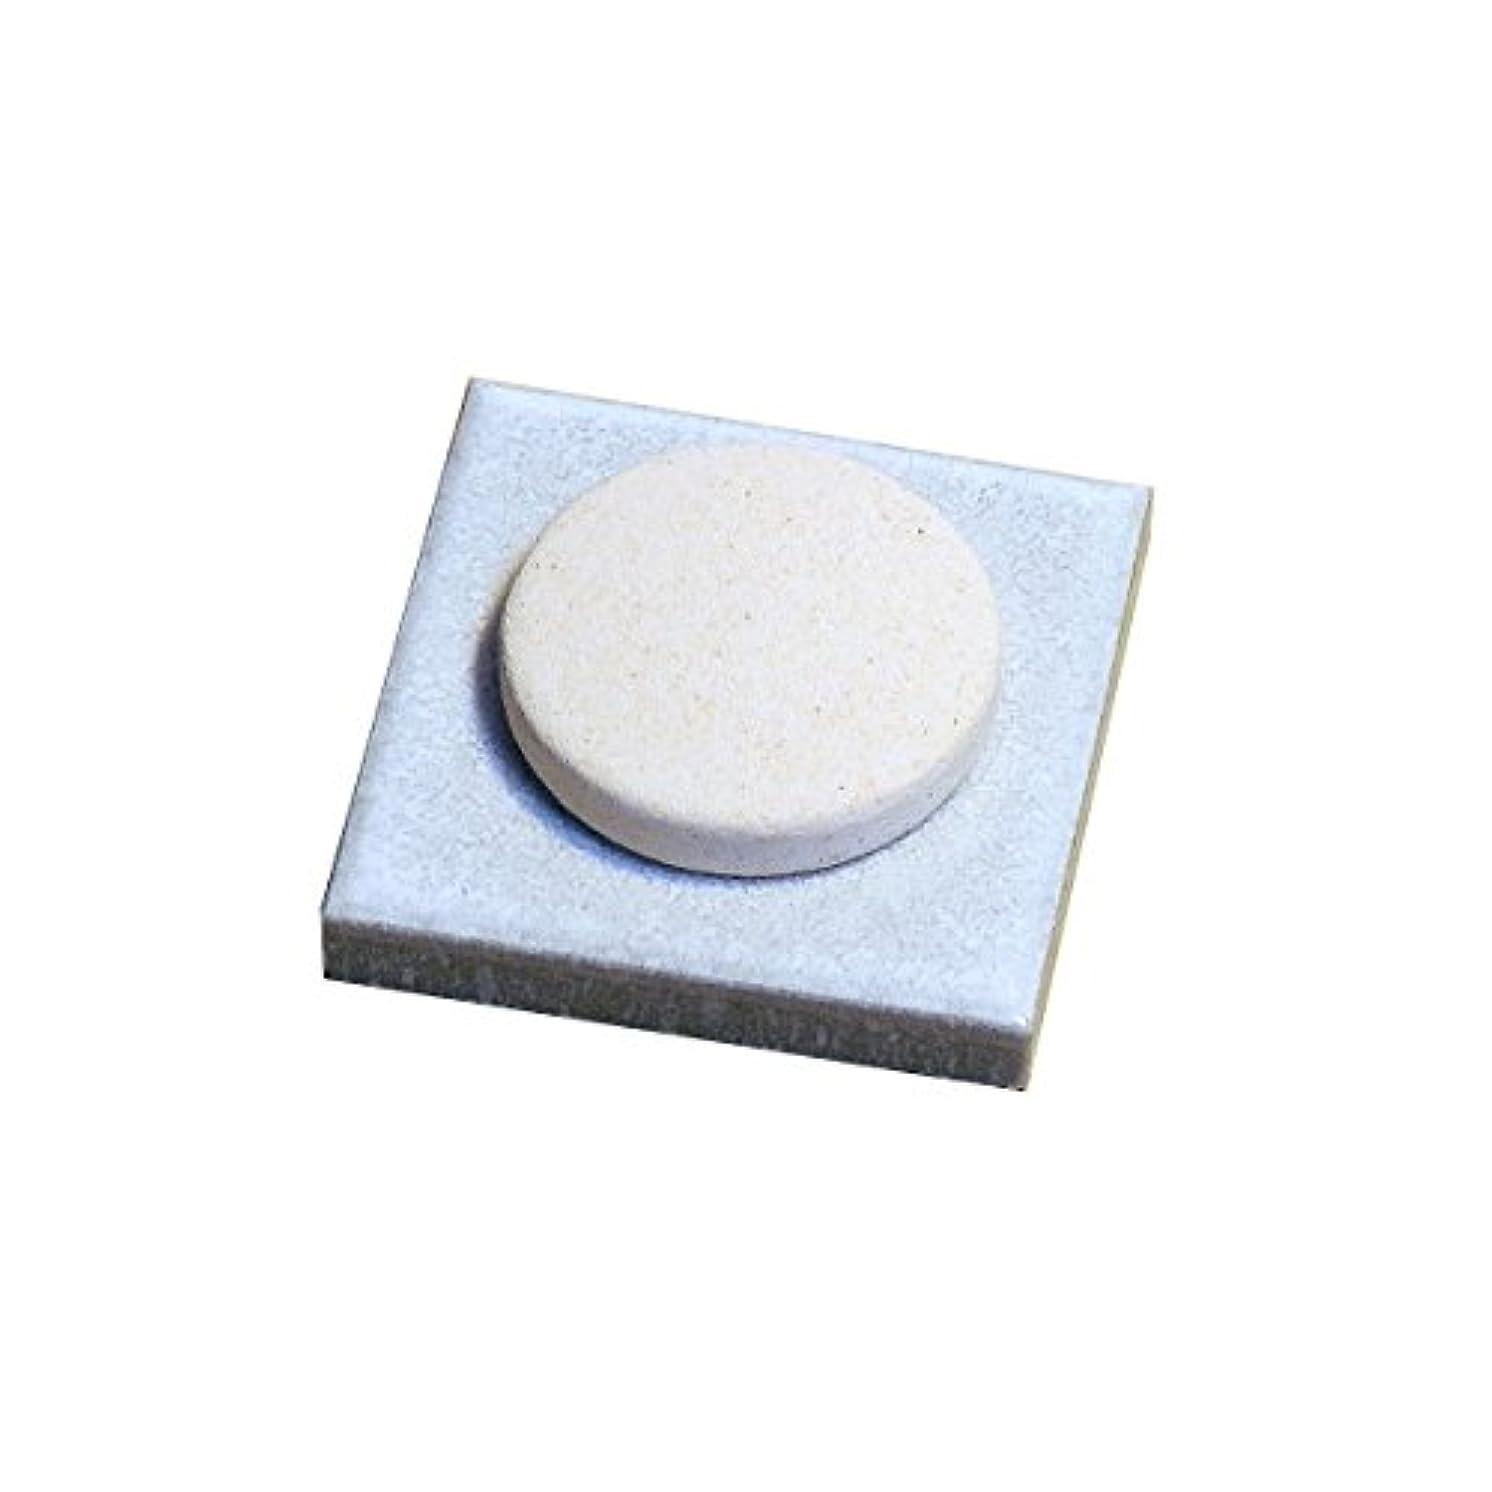 レンチ草女性〔立風屋〕珪藻土アロマプレート美濃焼タイルセット ホワイト(白) RPAP-01003-WT